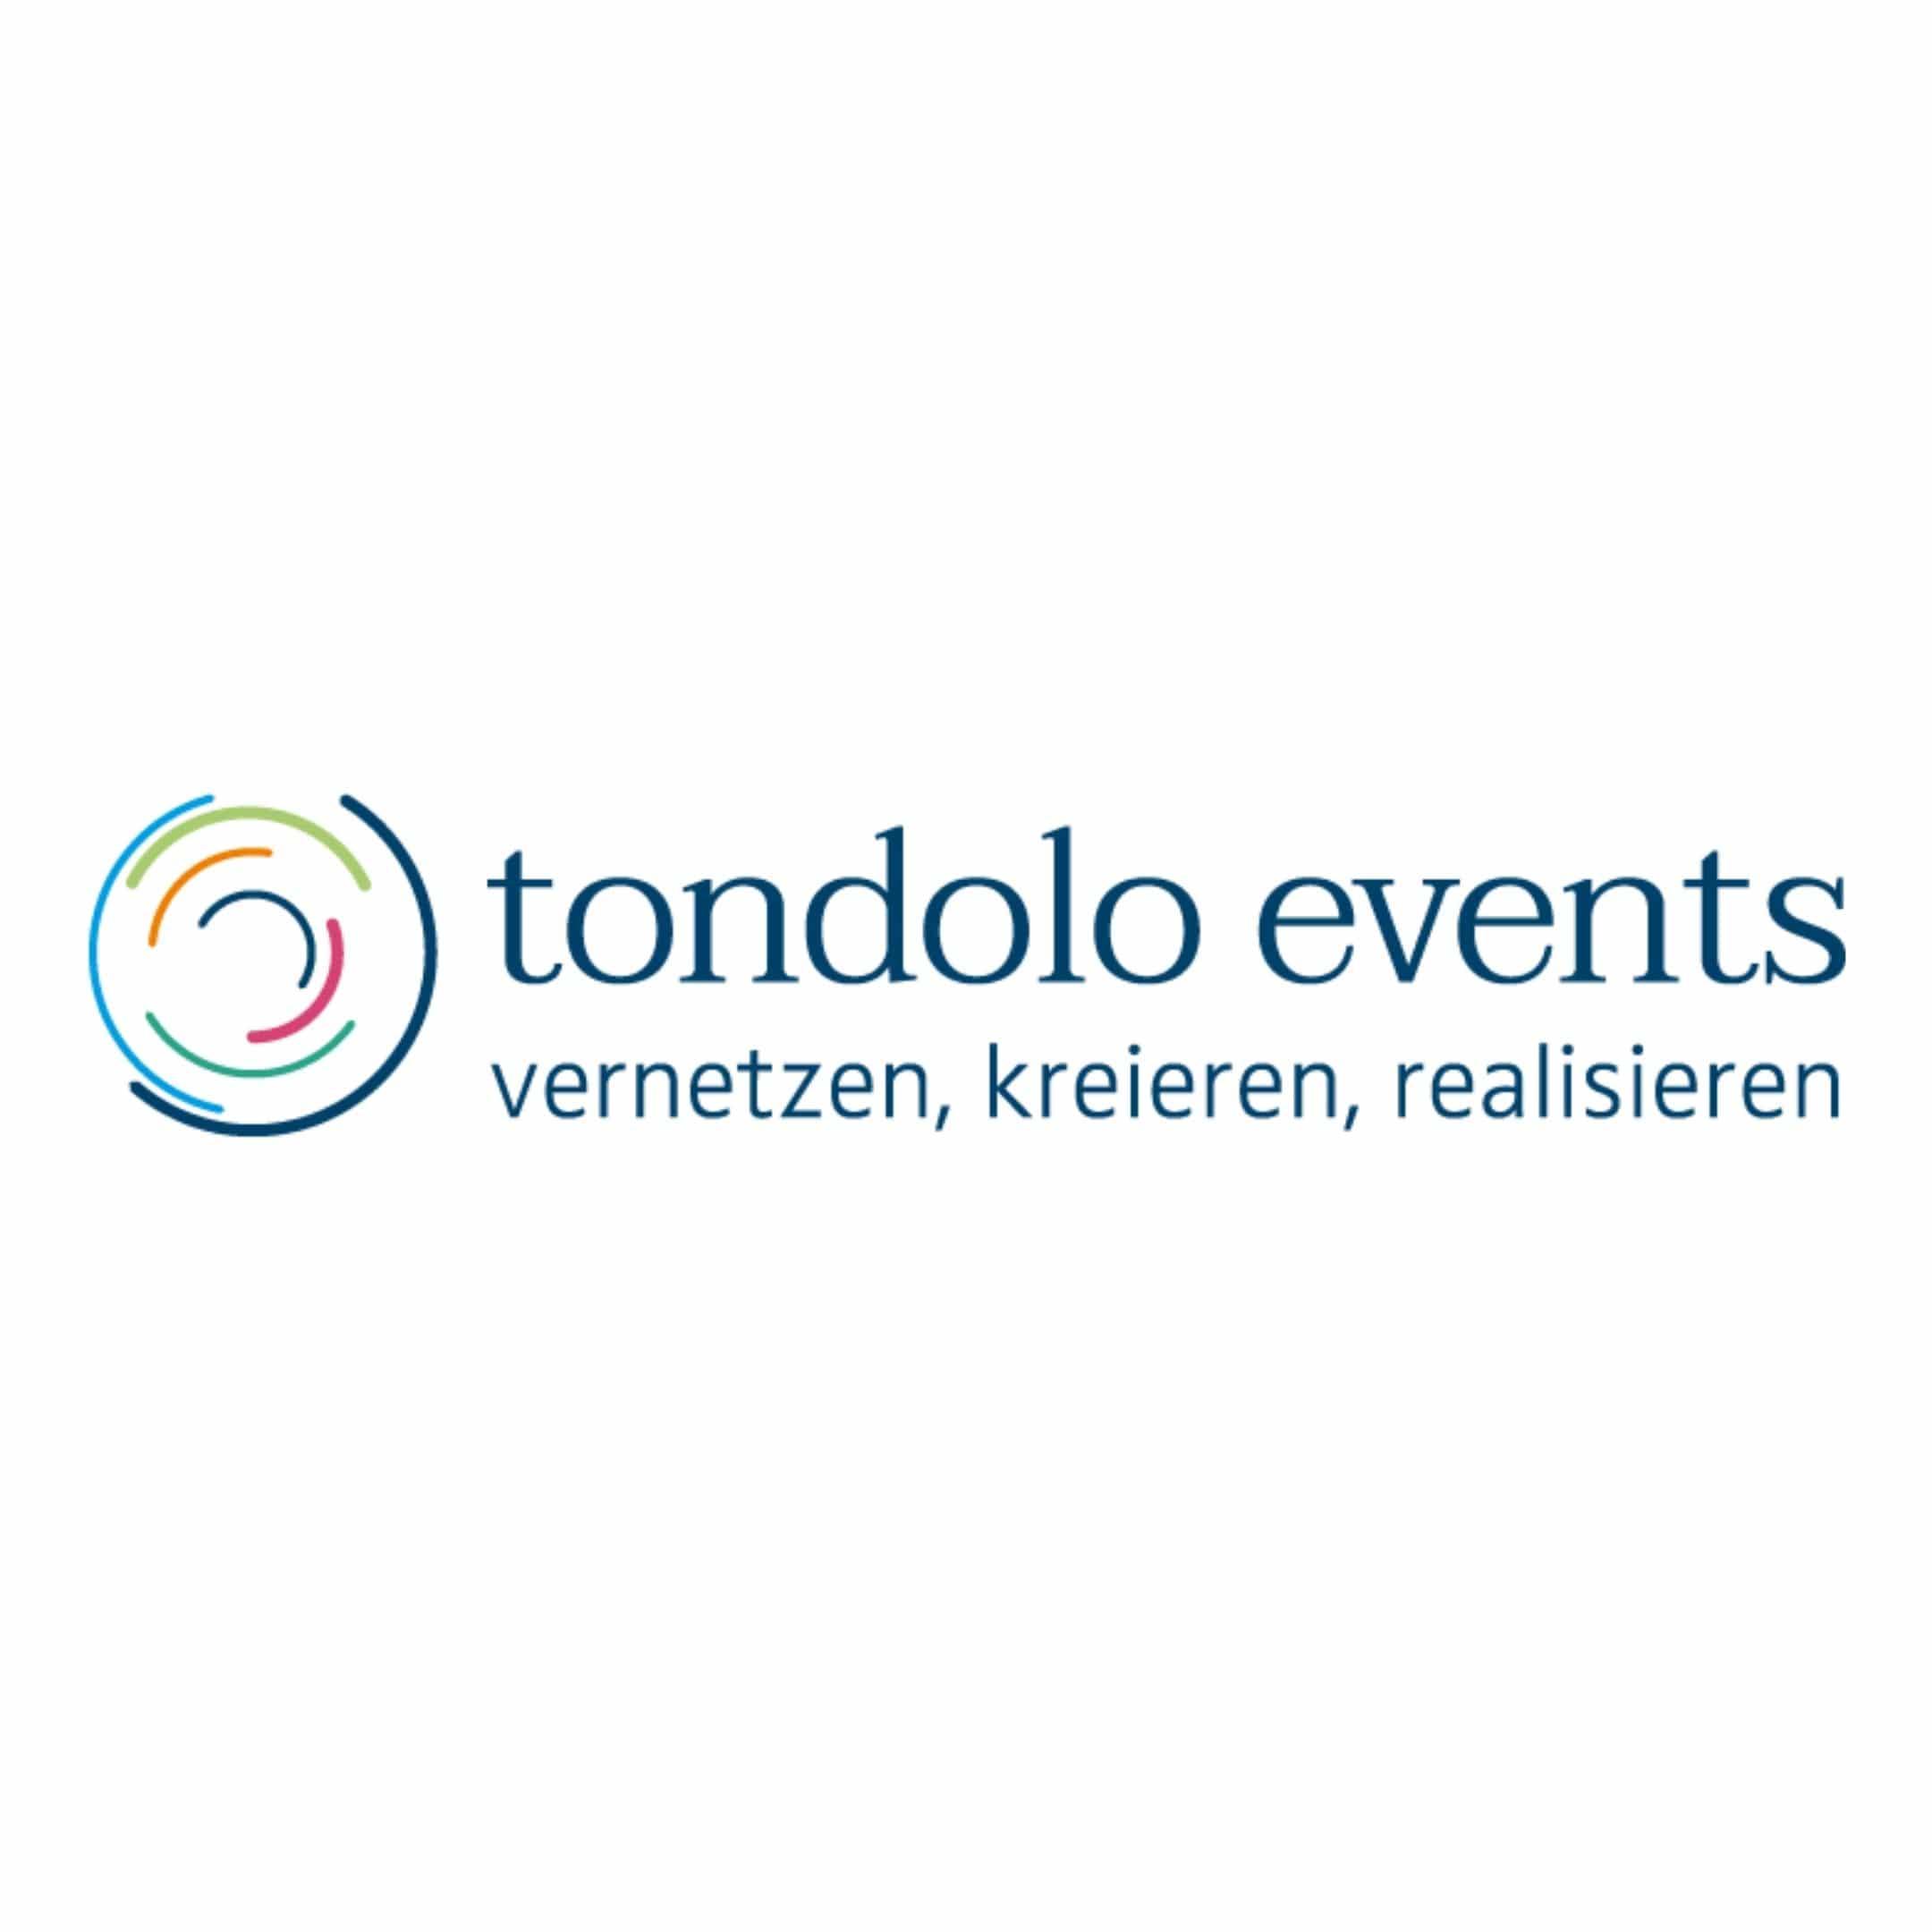 tondolo.one gmbh ¦ Ideen – Kreativität – Erlebnisse – Veranstaltungen